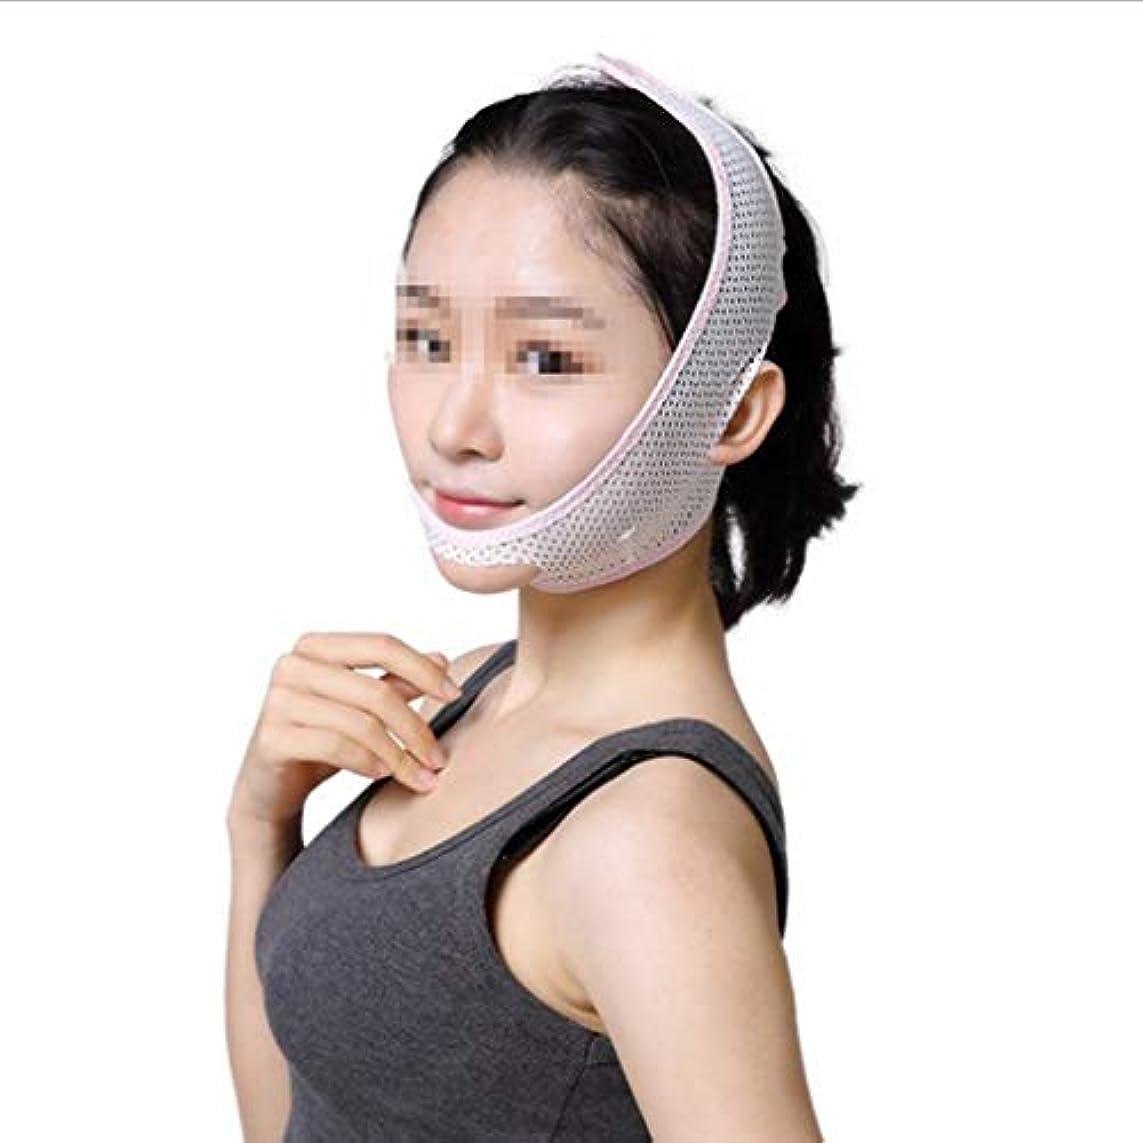 シビック染料お手入れ超薄型通気性フェイスマスク、包帯Vフェイスマスクフェイスリフティングファーミングダブルチンシンフェイスベルト (Size : M)